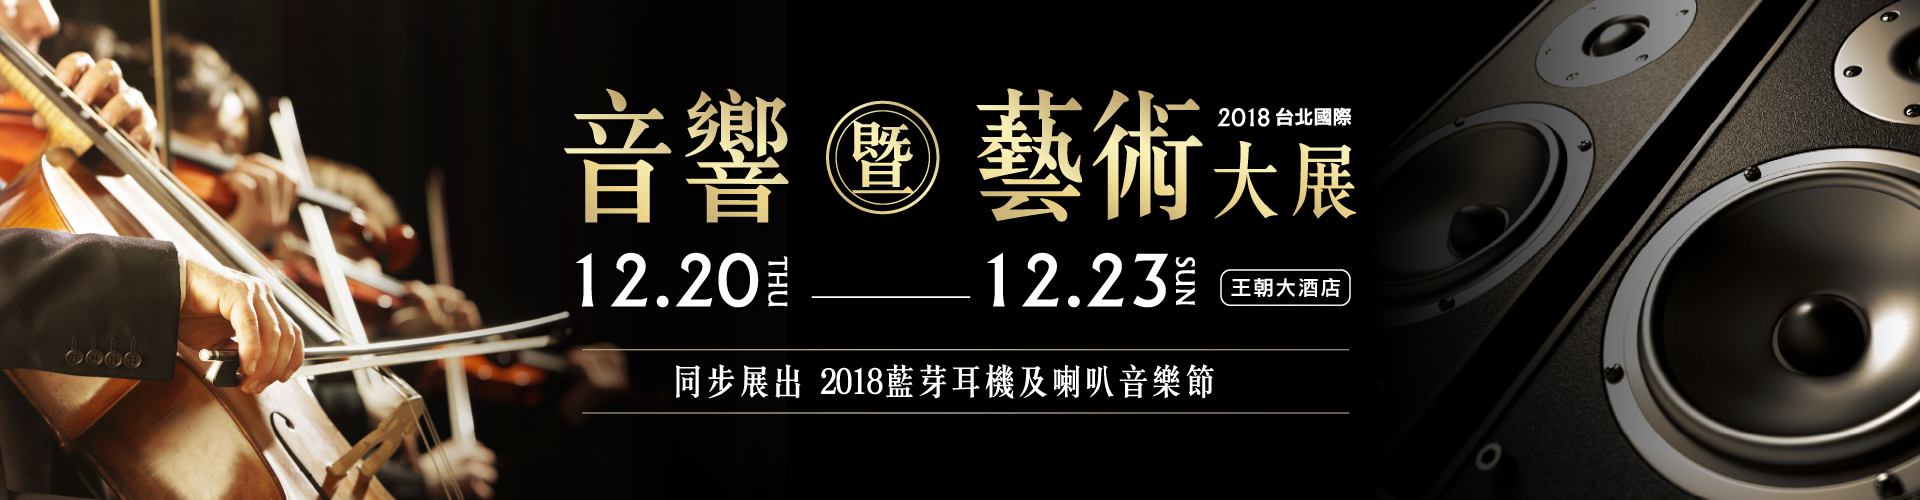 2018台北國際音響暨藝術大展12/20-23王朝大酒店︱年度台北音響大展